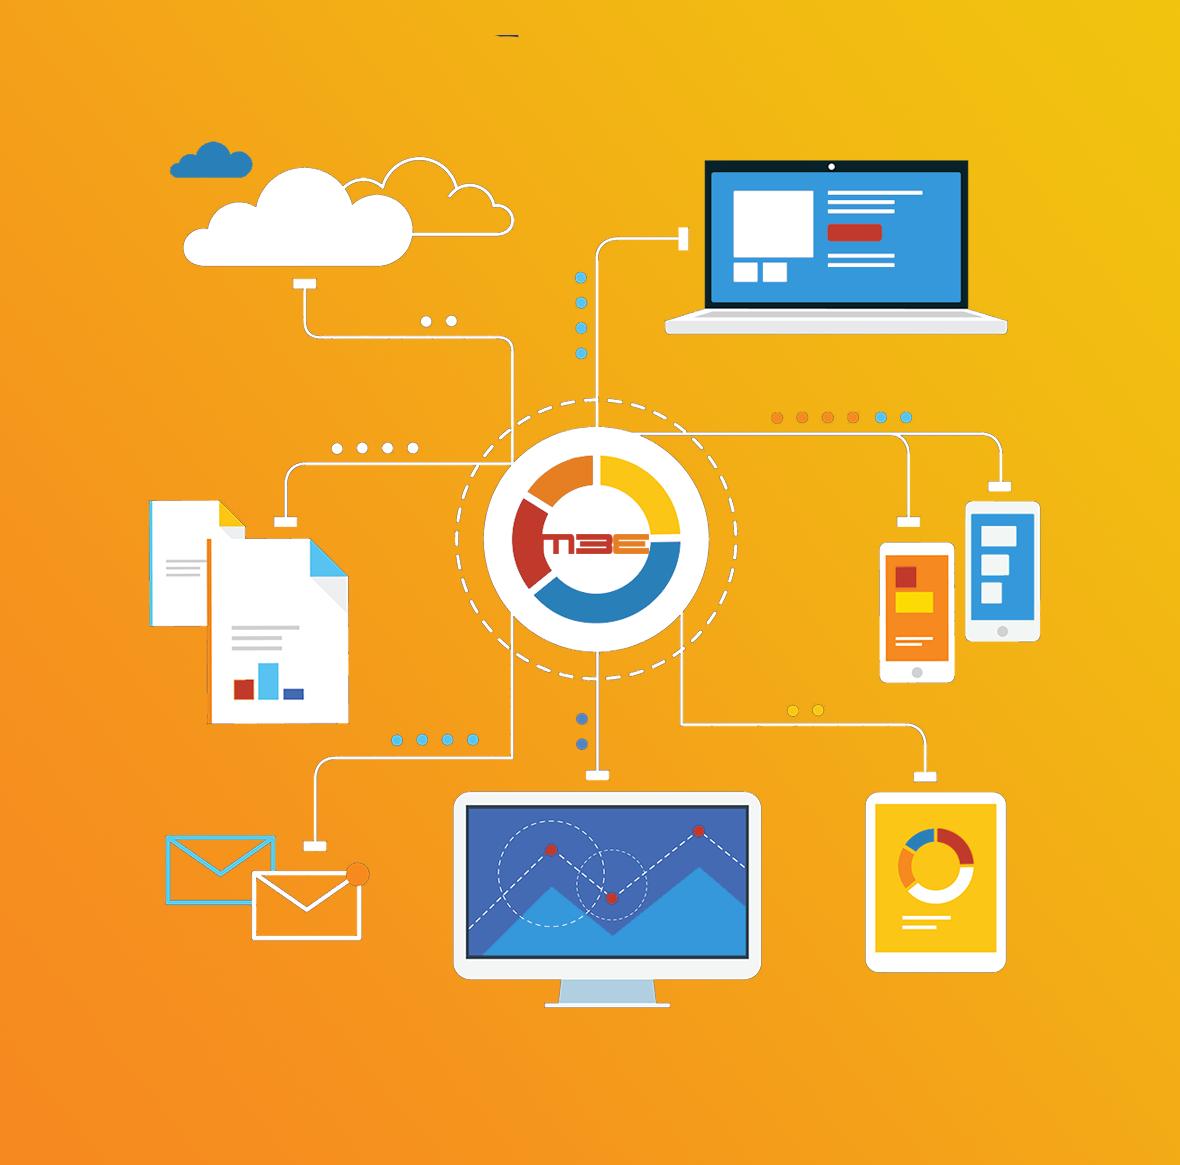 Plus d'information sur les plateformes digitales 3E, qui intègrent dynamiquement des Data des fournisseurs, des Business Partners et des clients pour accélérer la vitesse d'échange d'information